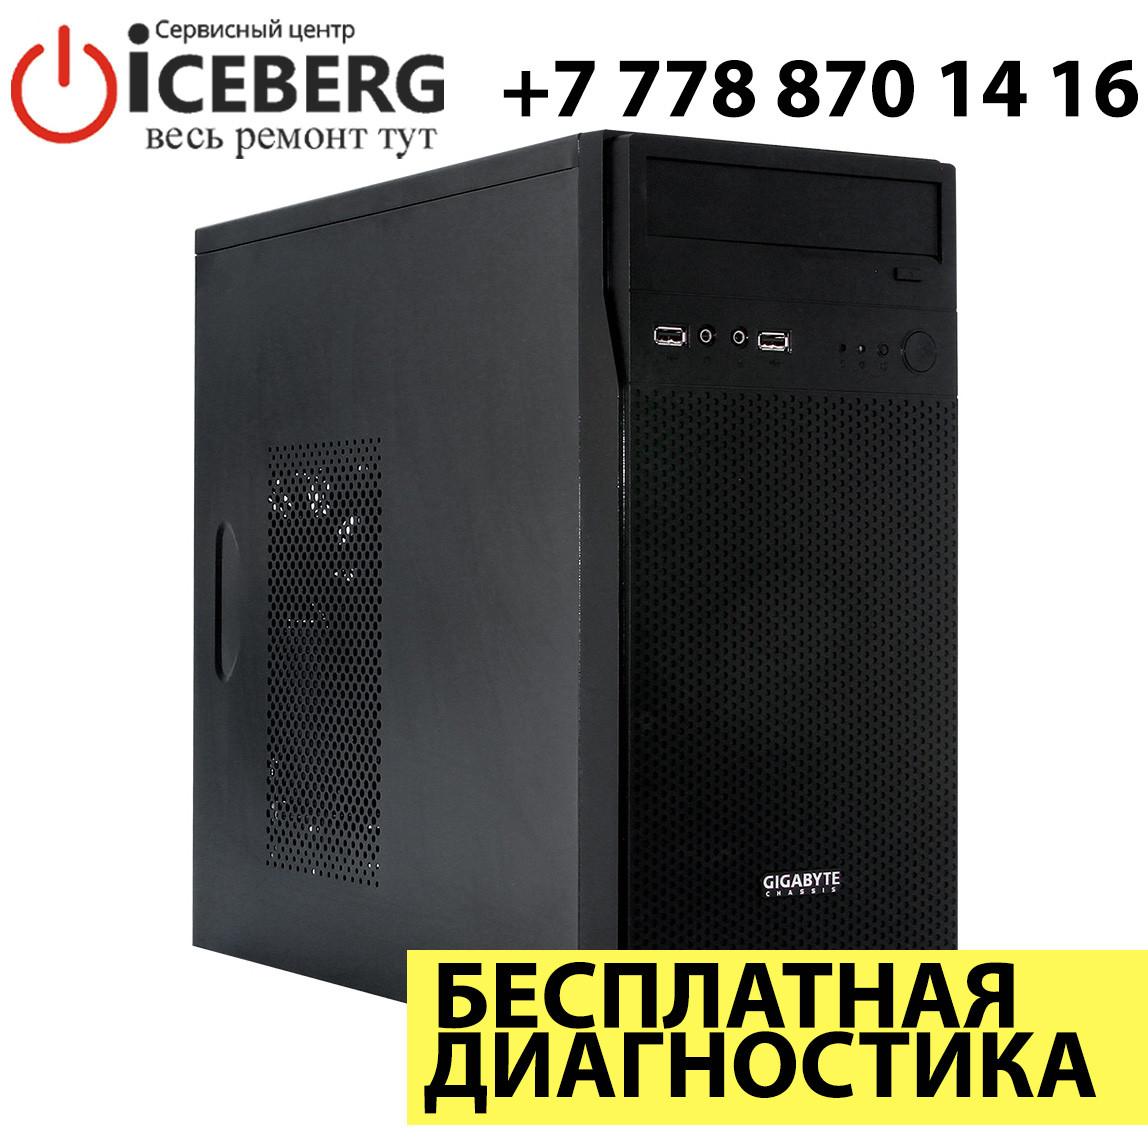 Ремонт компьютеров Gigabyte